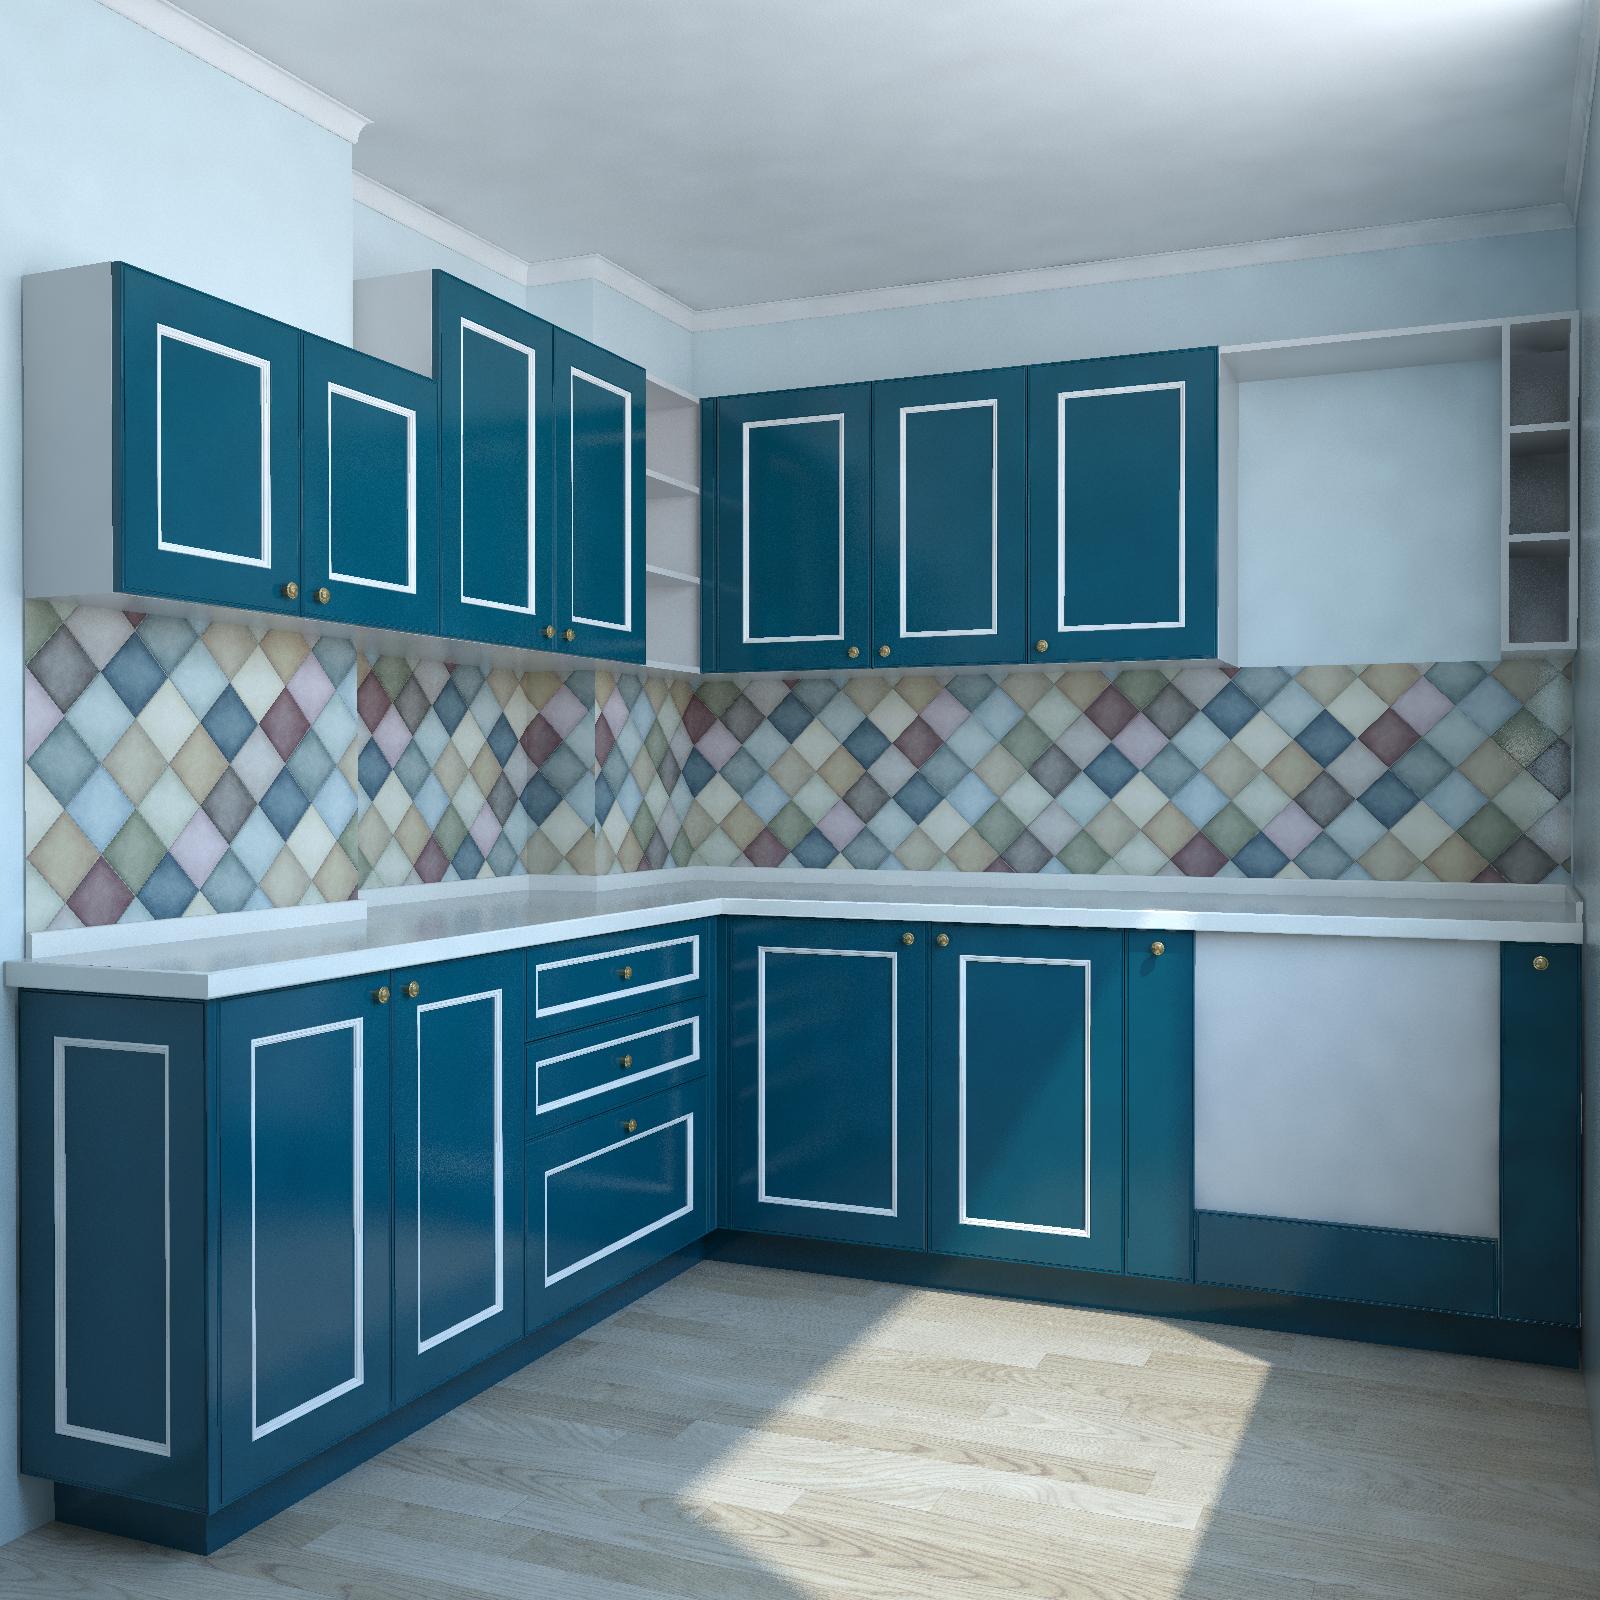 кухня в стиле прованс синего цвета